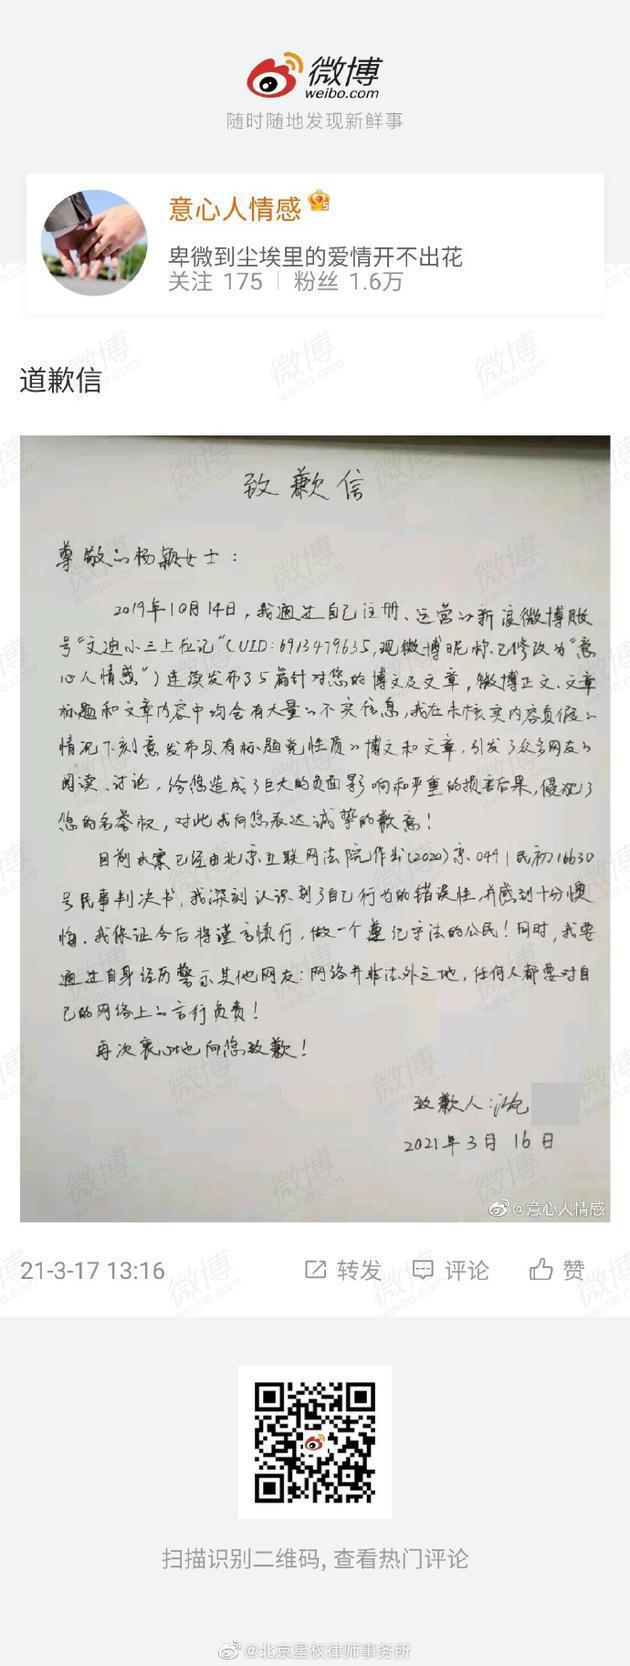 Angelababy名誉权案一审胜诉 被告手写道歉信致歉